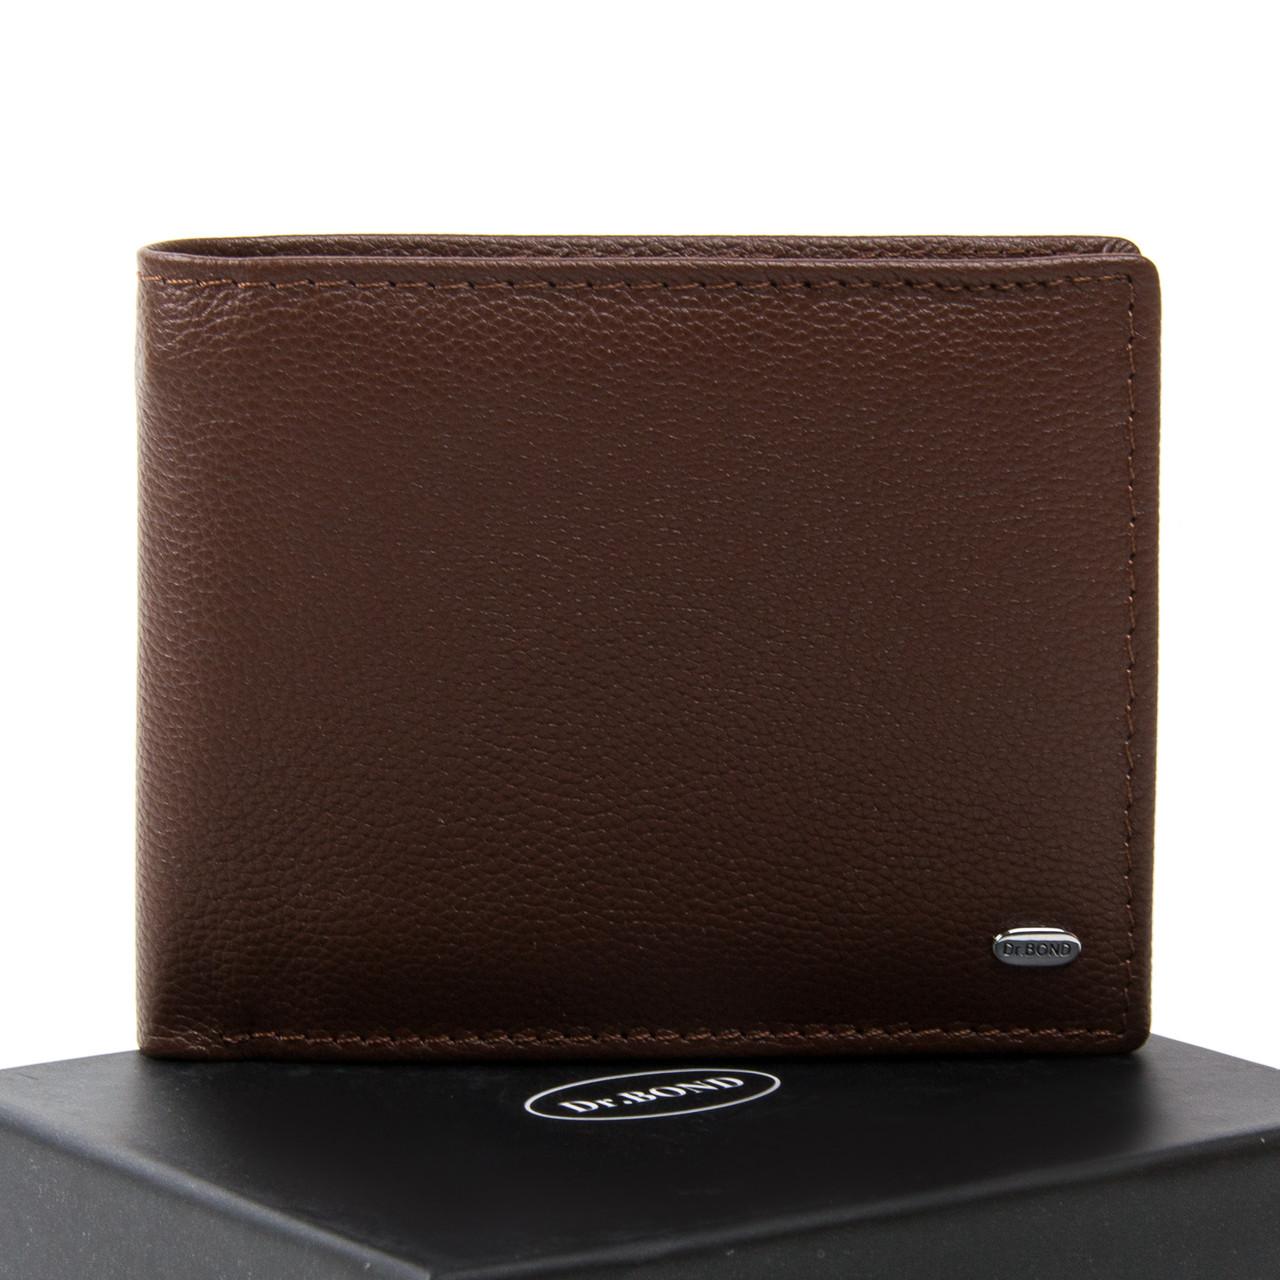 Чоловічий гаманець Classic шкіра DR. BOND MSM-5 коричневий